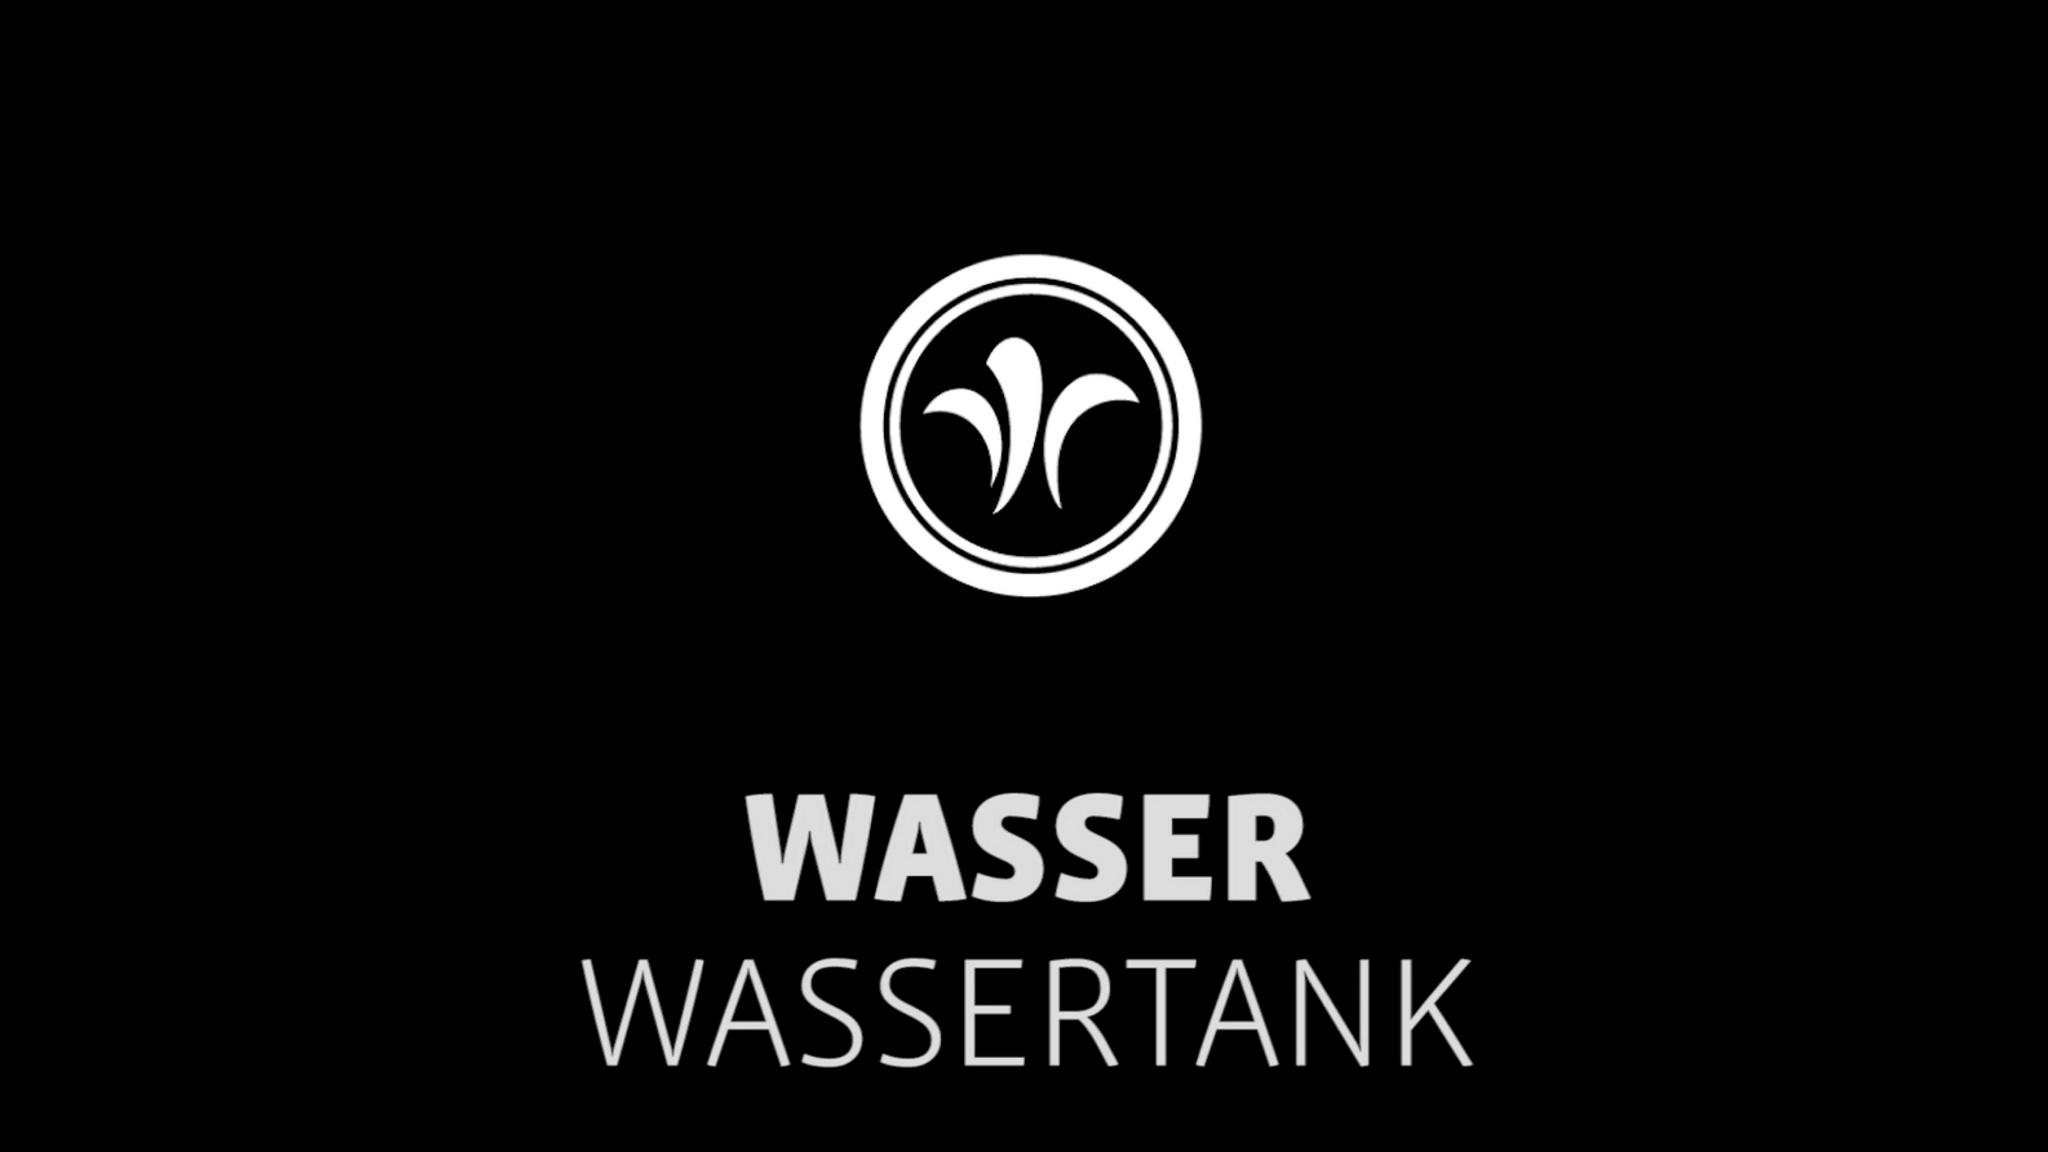 Wohnmobil Wassertank // Niesmann+Bischoff – Luxus Wohnmobil (Modell FLAIR) // 2019 // WA1